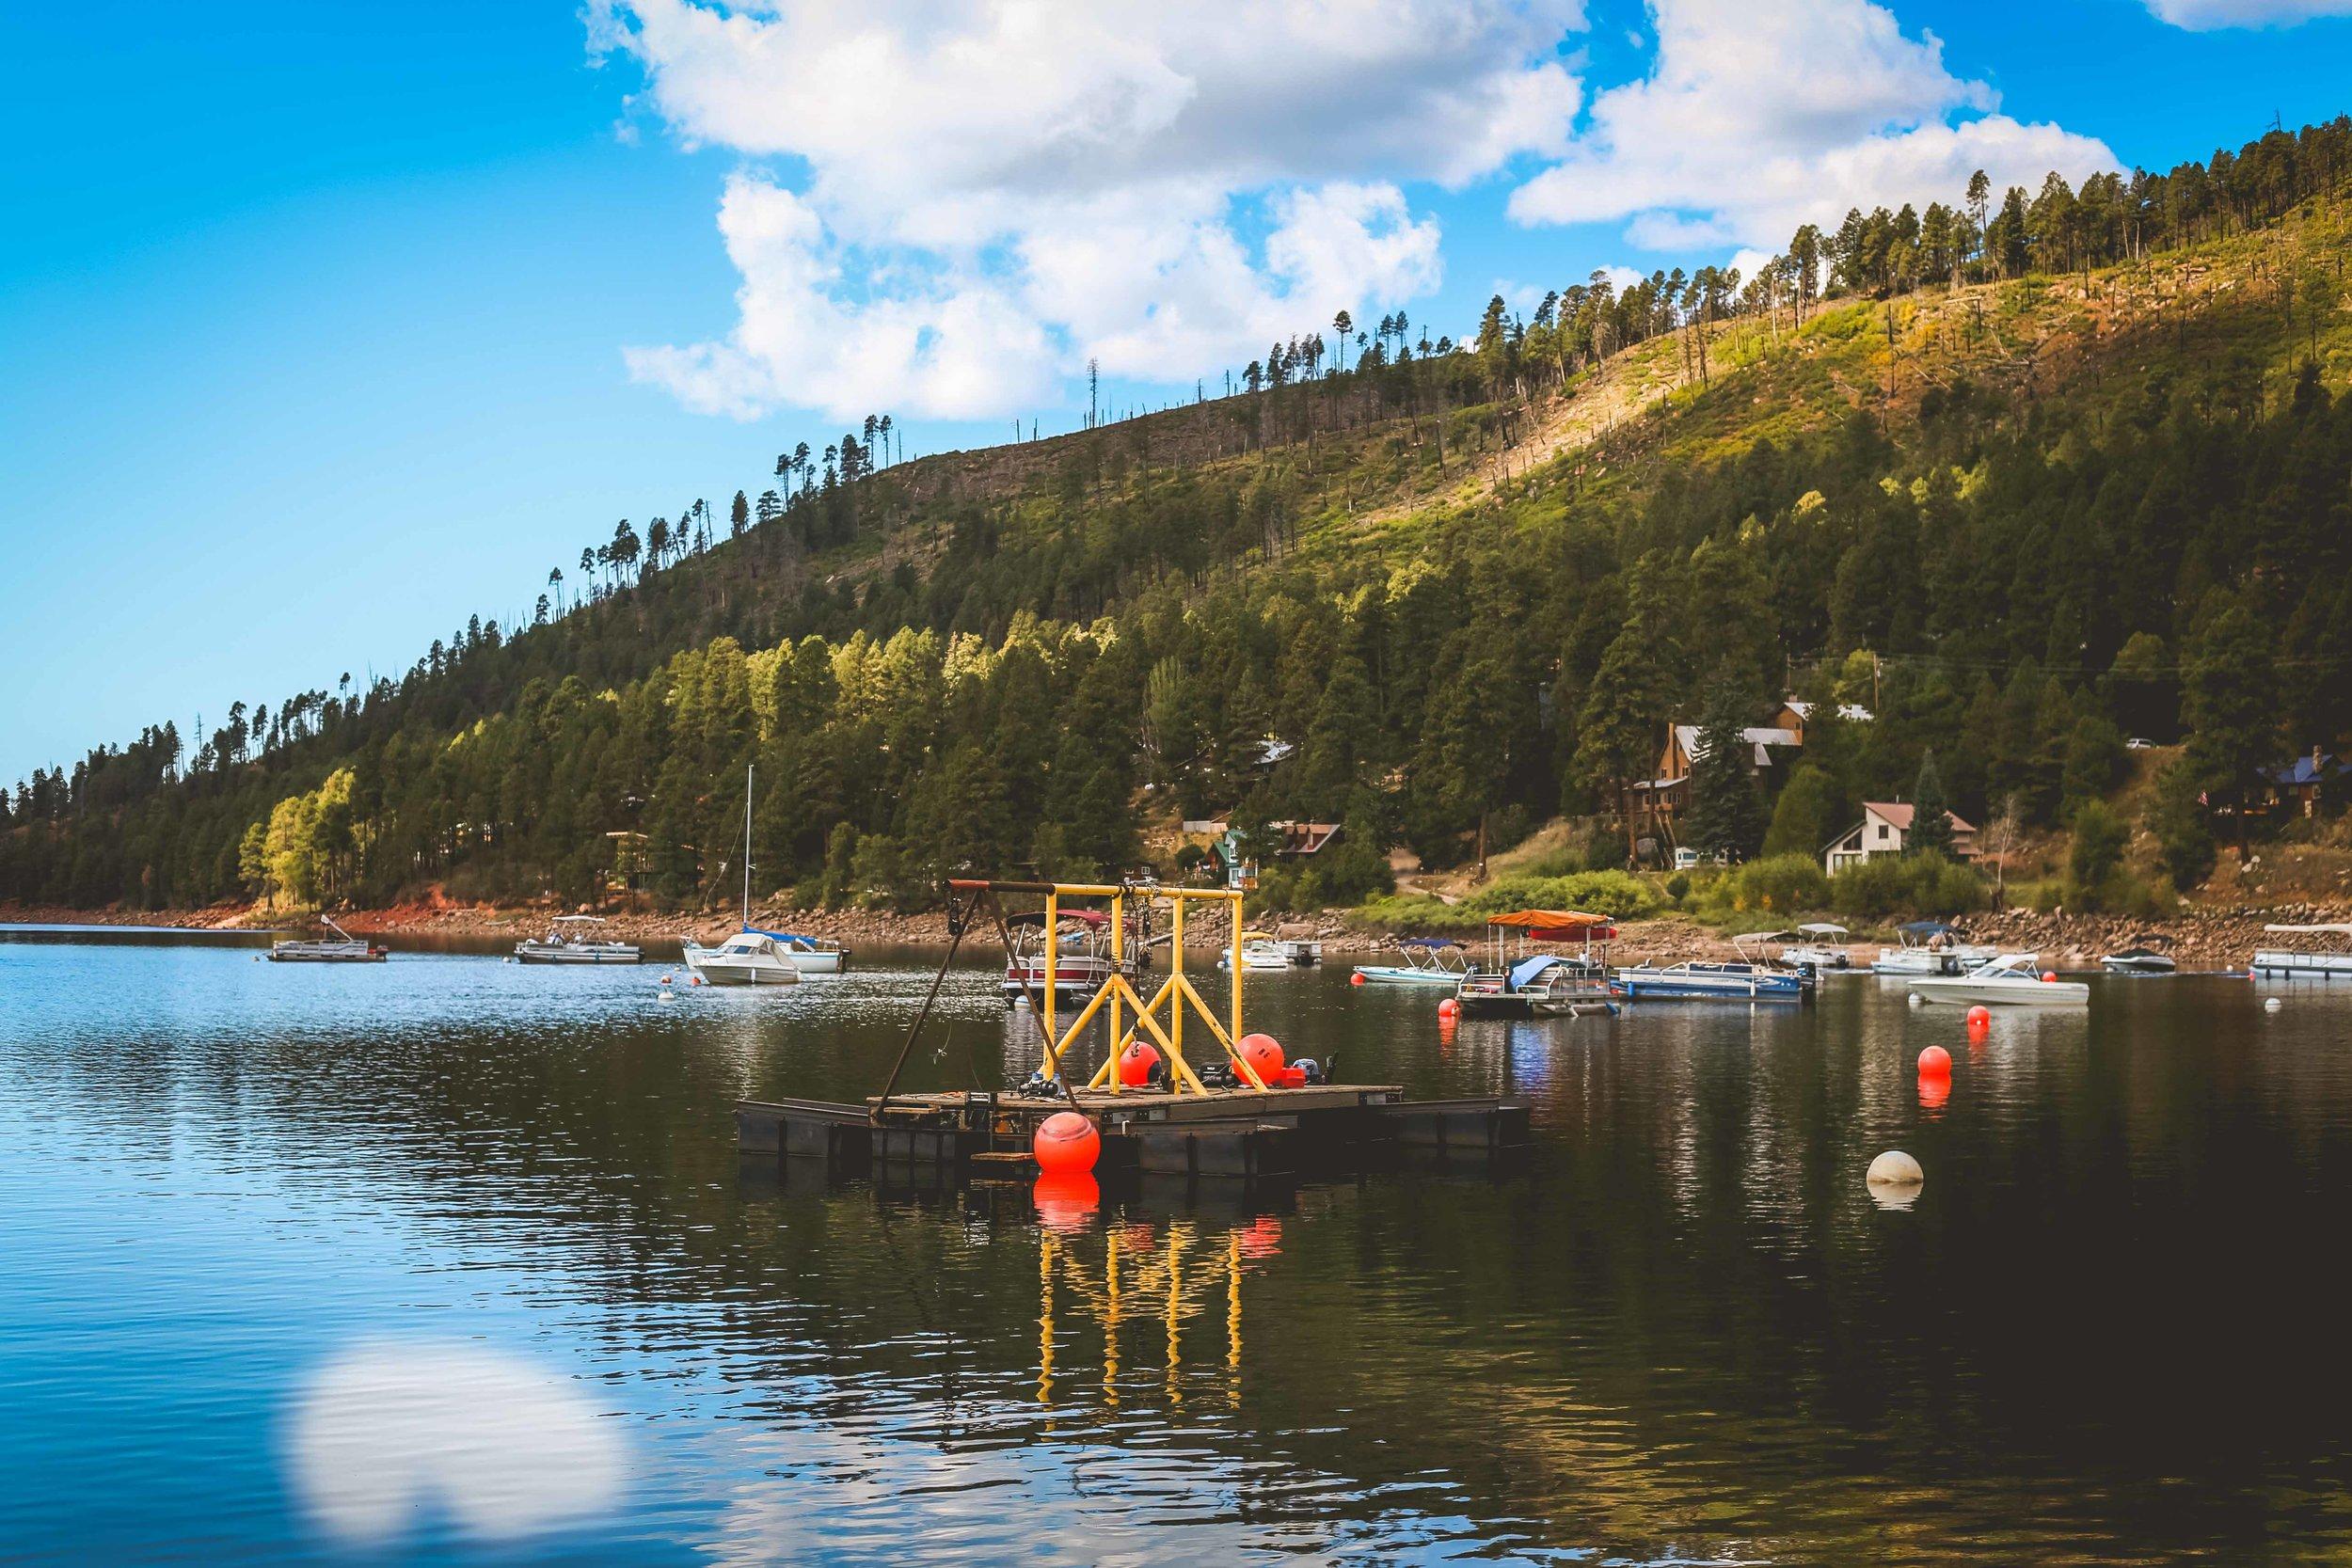 09-13 Vallecito Marina, Boats, Dock, Lake, Fishing, Bear-6429.jpg